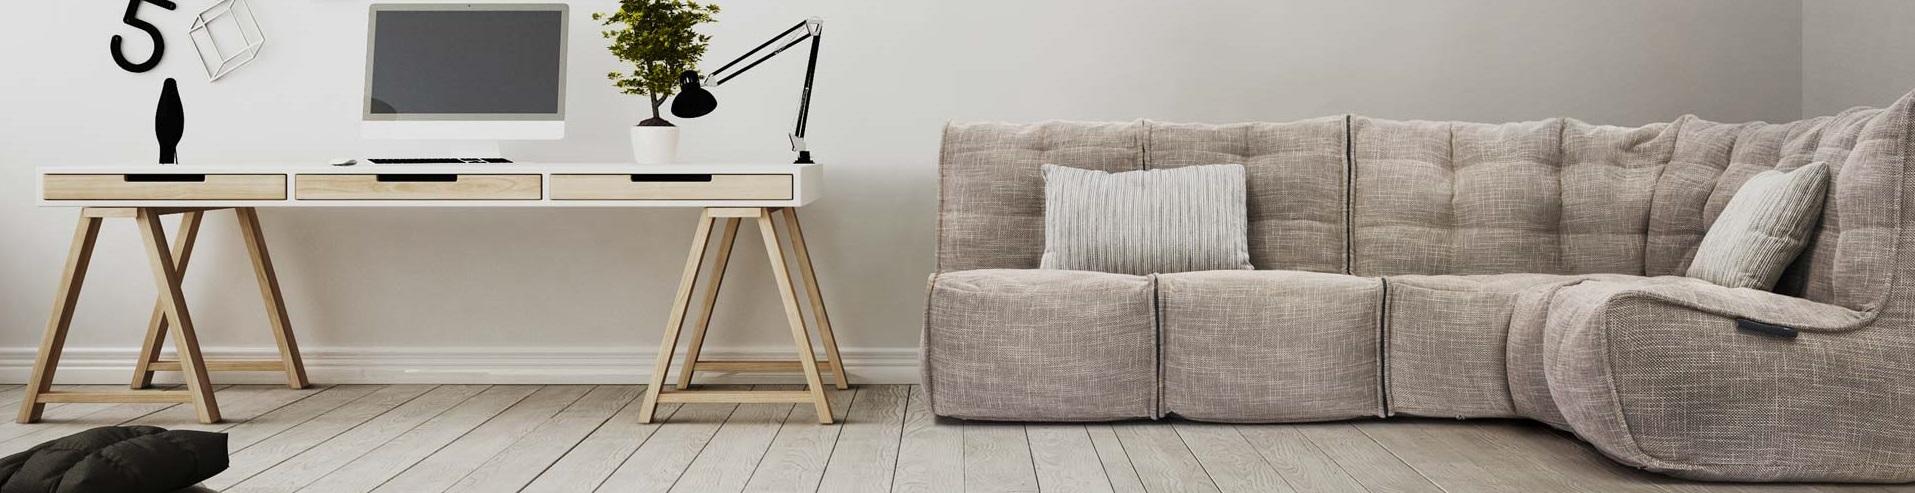 Контекстная реклама продавца мебели